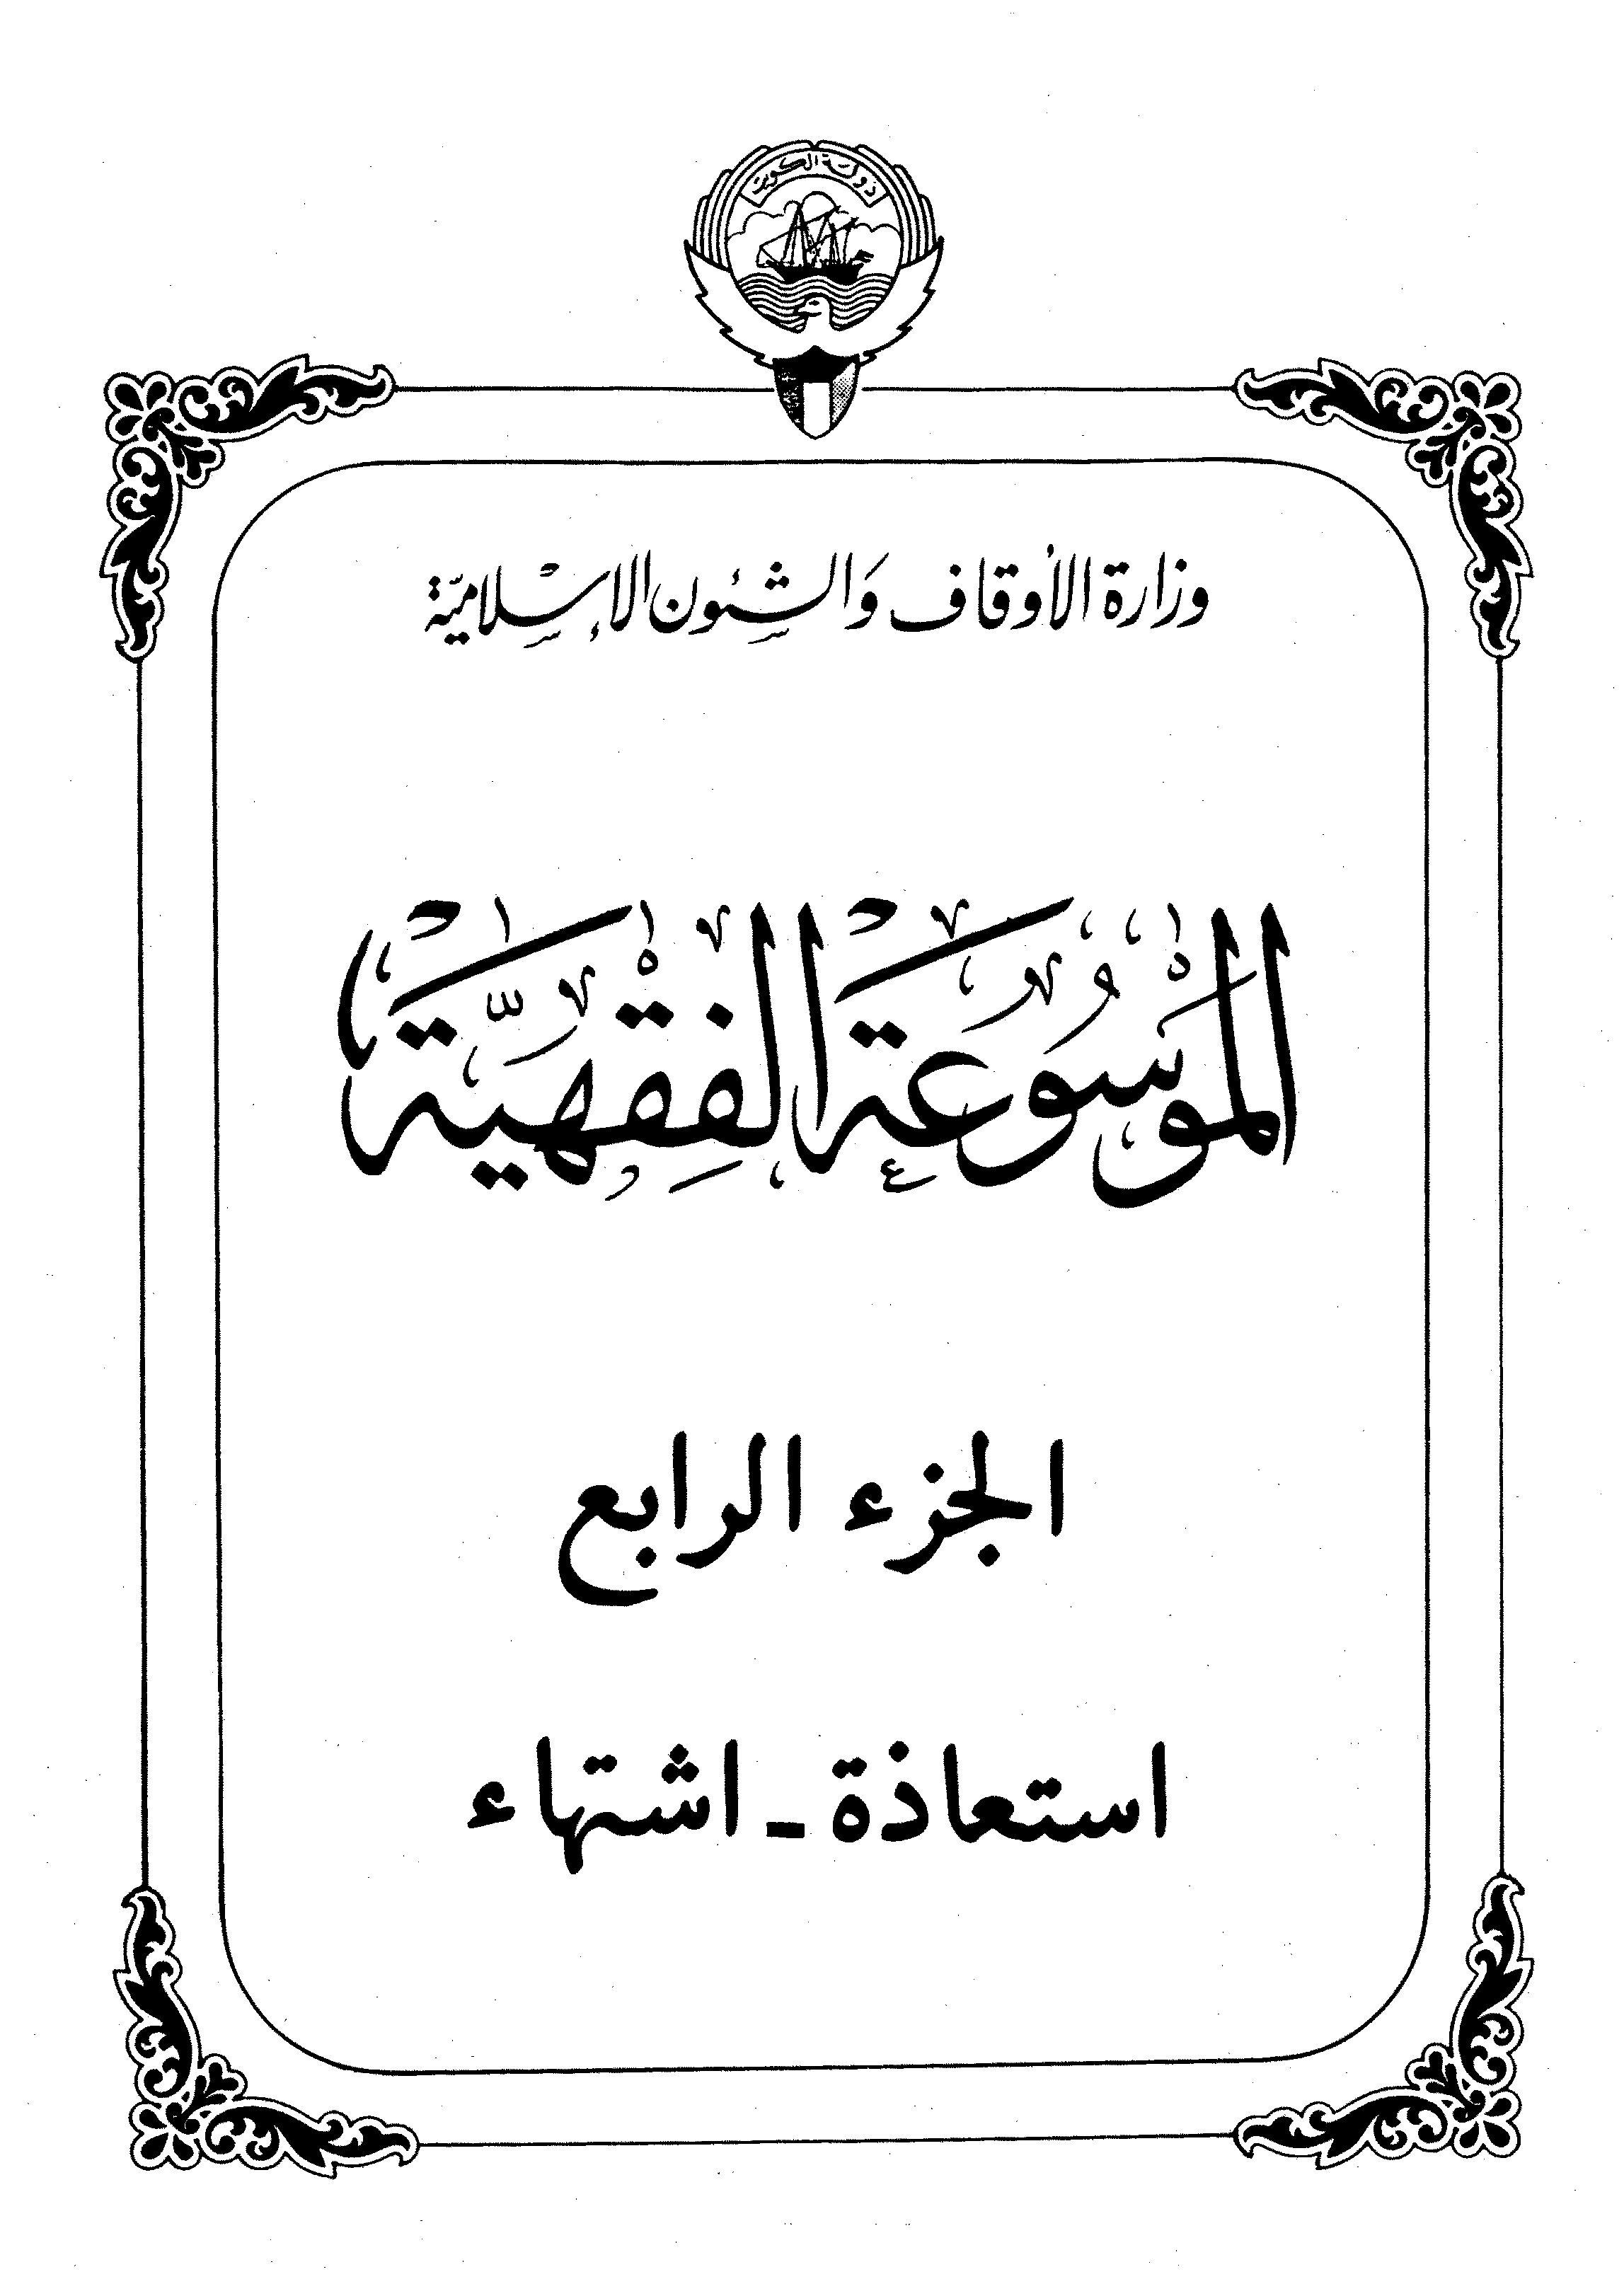 الموسوعة الفقهية الكويتية – الجزء الرابع (استعاذة – اشتهاء)